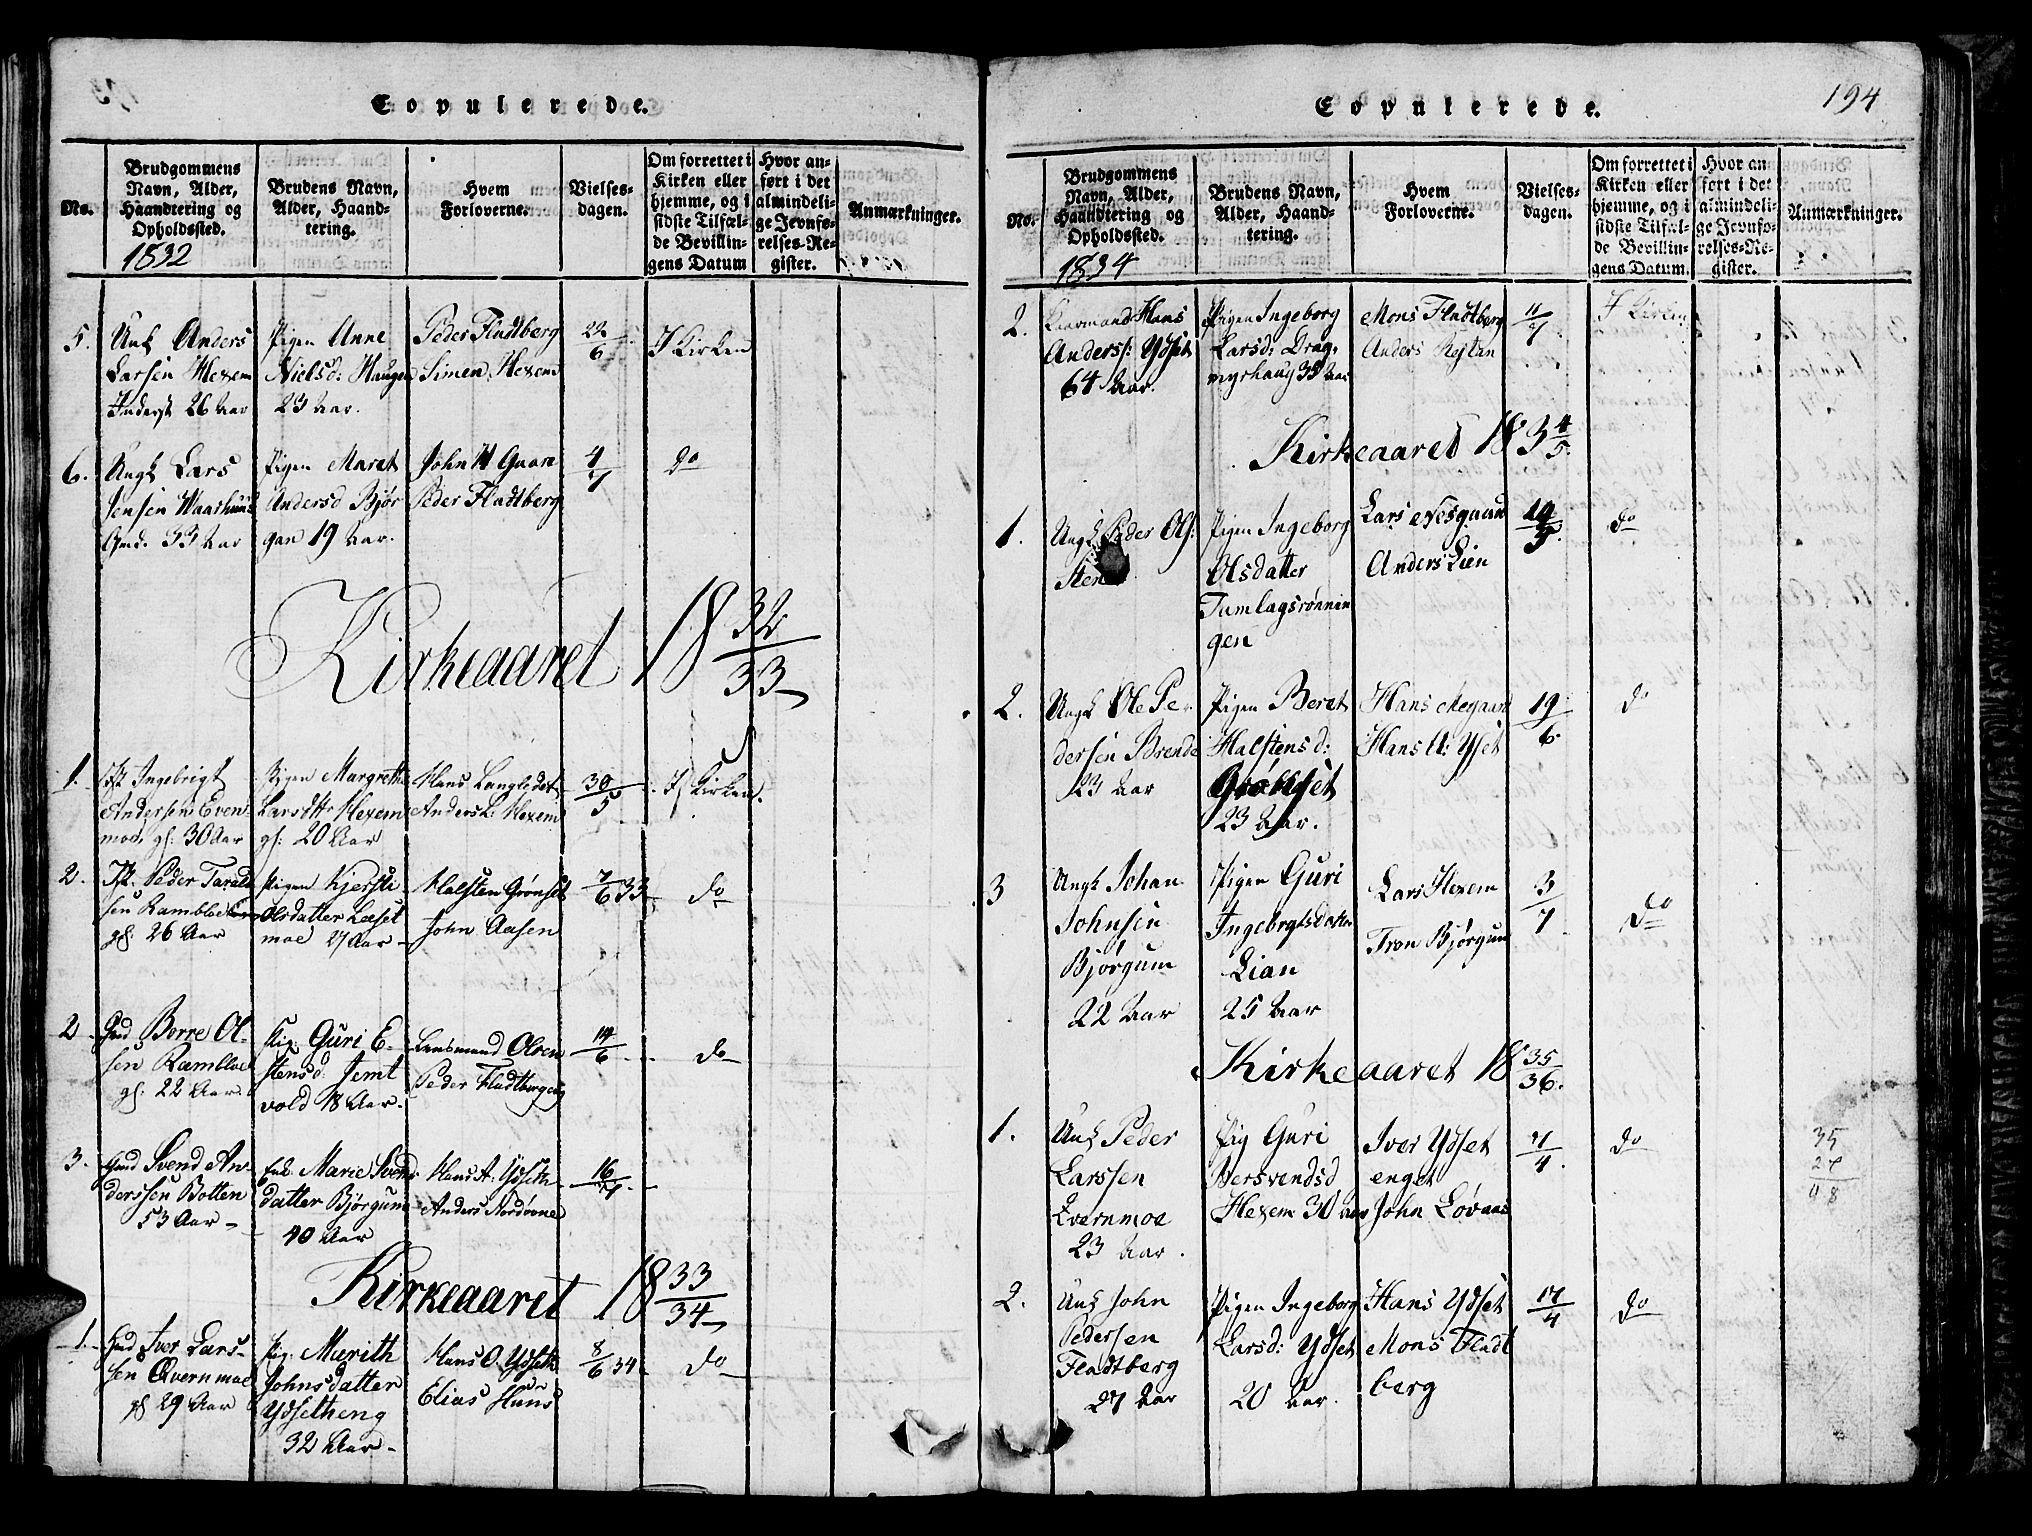 SAT, Ministerialprotokoller, klokkerbøker og fødselsregistre - Sør-Trøndelag, 685/L0976: Klokkerbok nr. 685C01, 1817-1878, s. 194